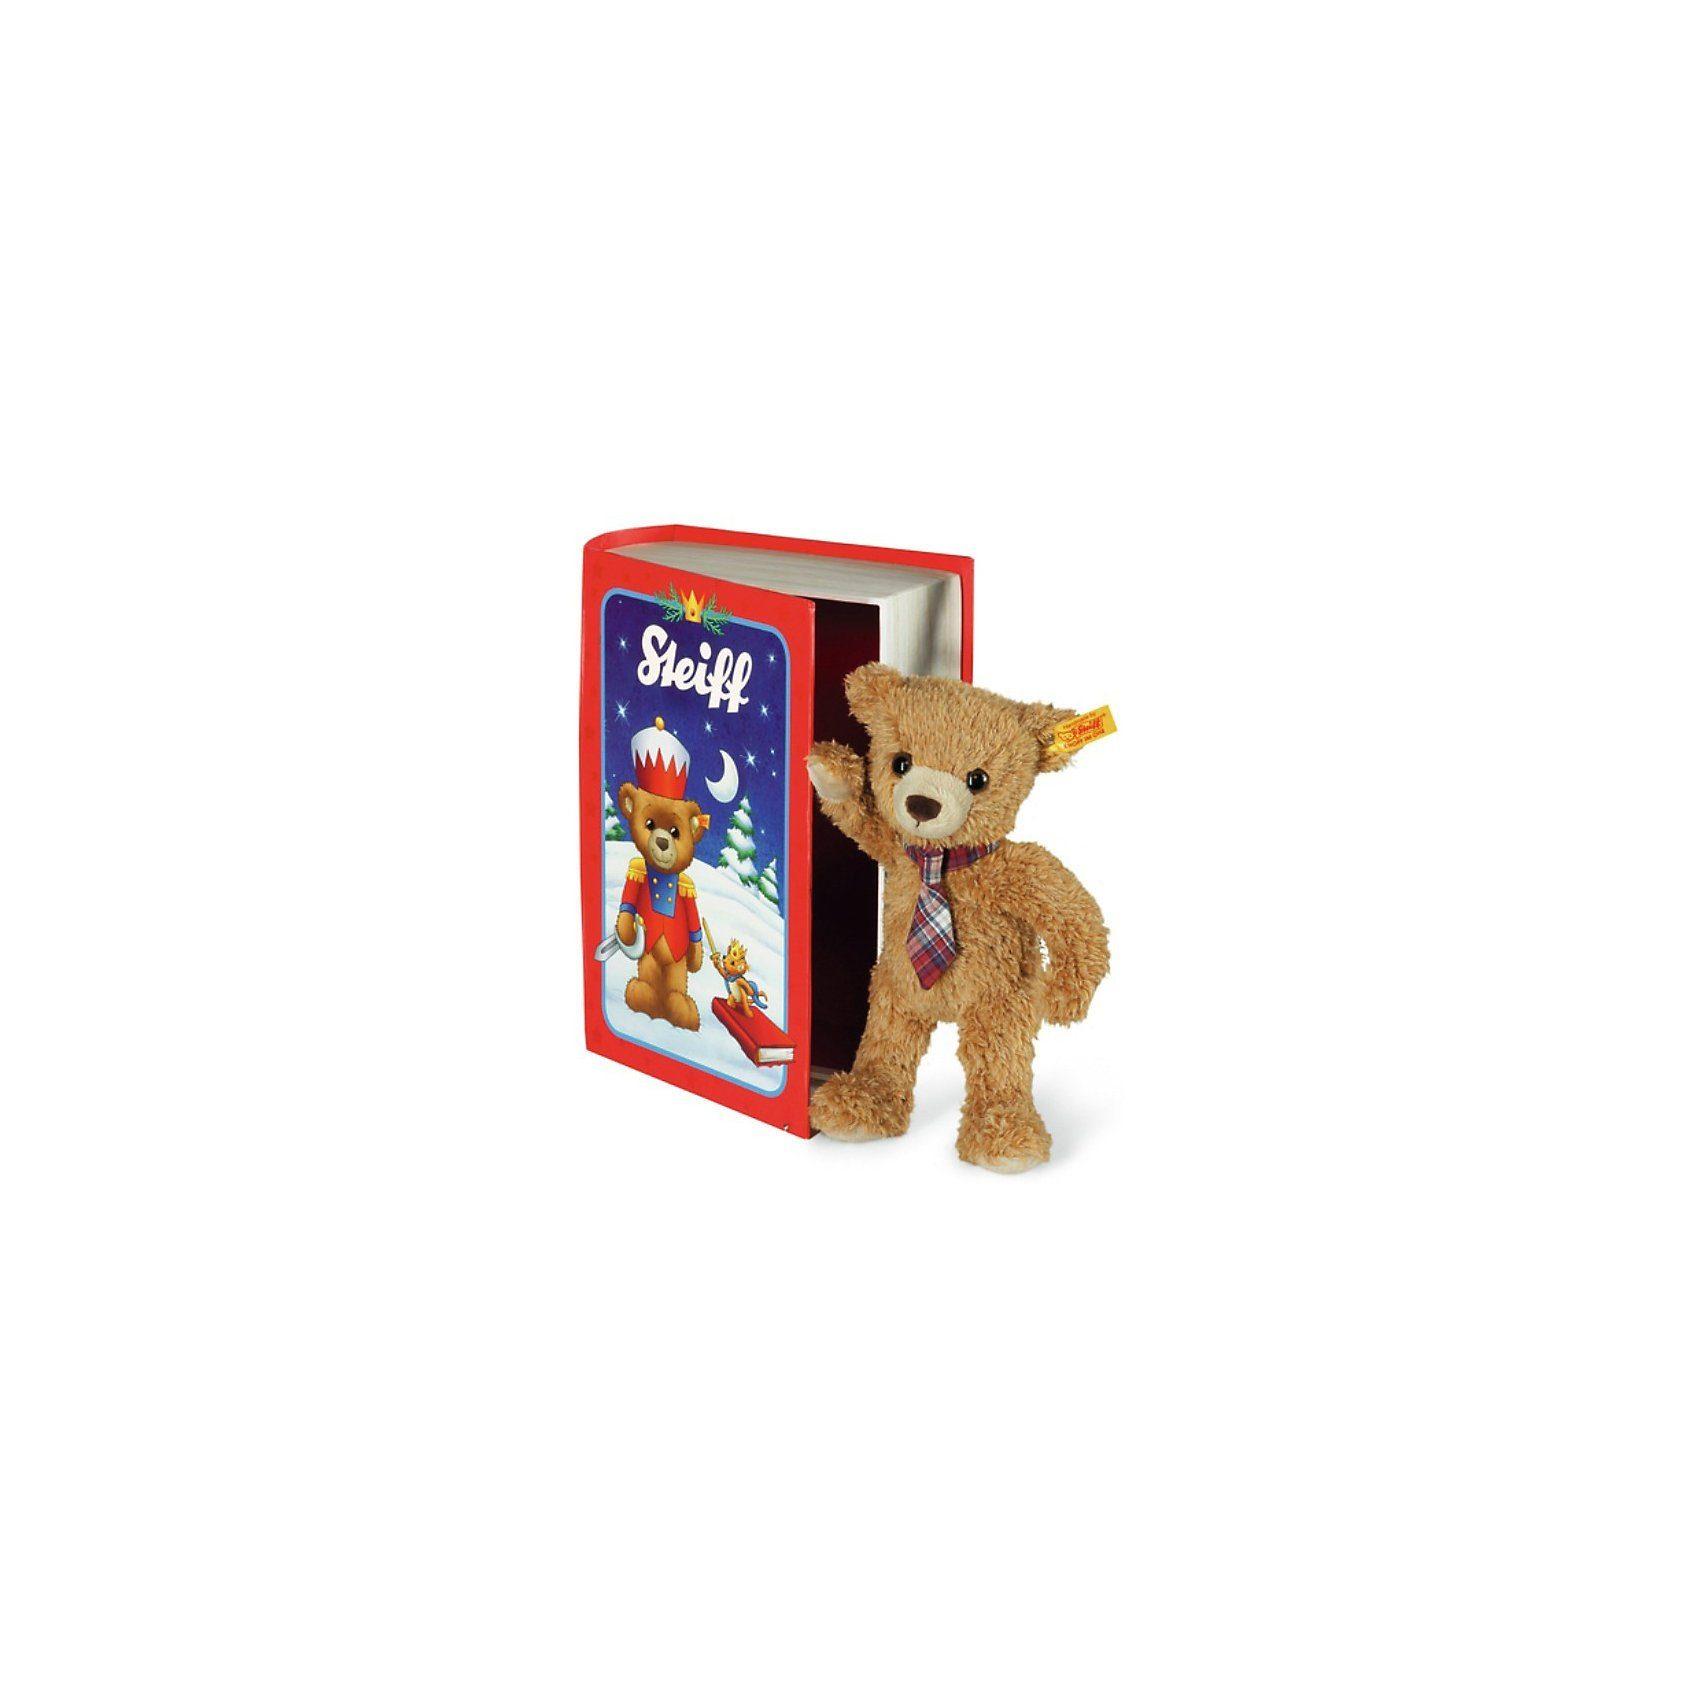 Steiff Carlo Teddybär in Märchenbuchbox, 23cm